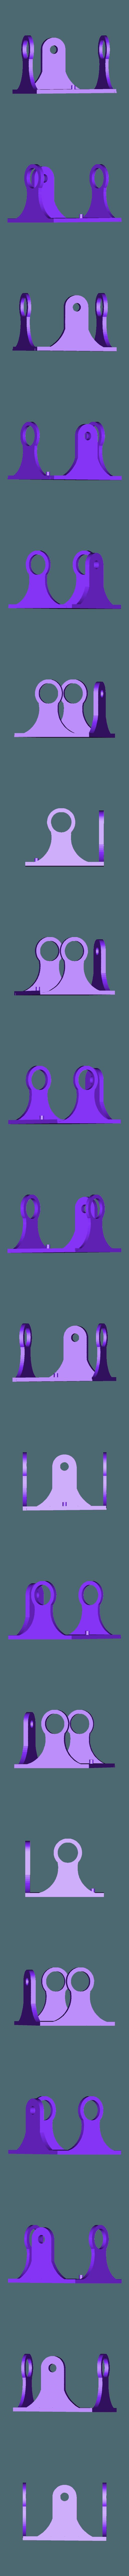 transmission_housing_stand.stl Télécharger fichier STL gratuit Transmission à engrenages coniques • Modèle à imprimer en 3D, matthewdwulff